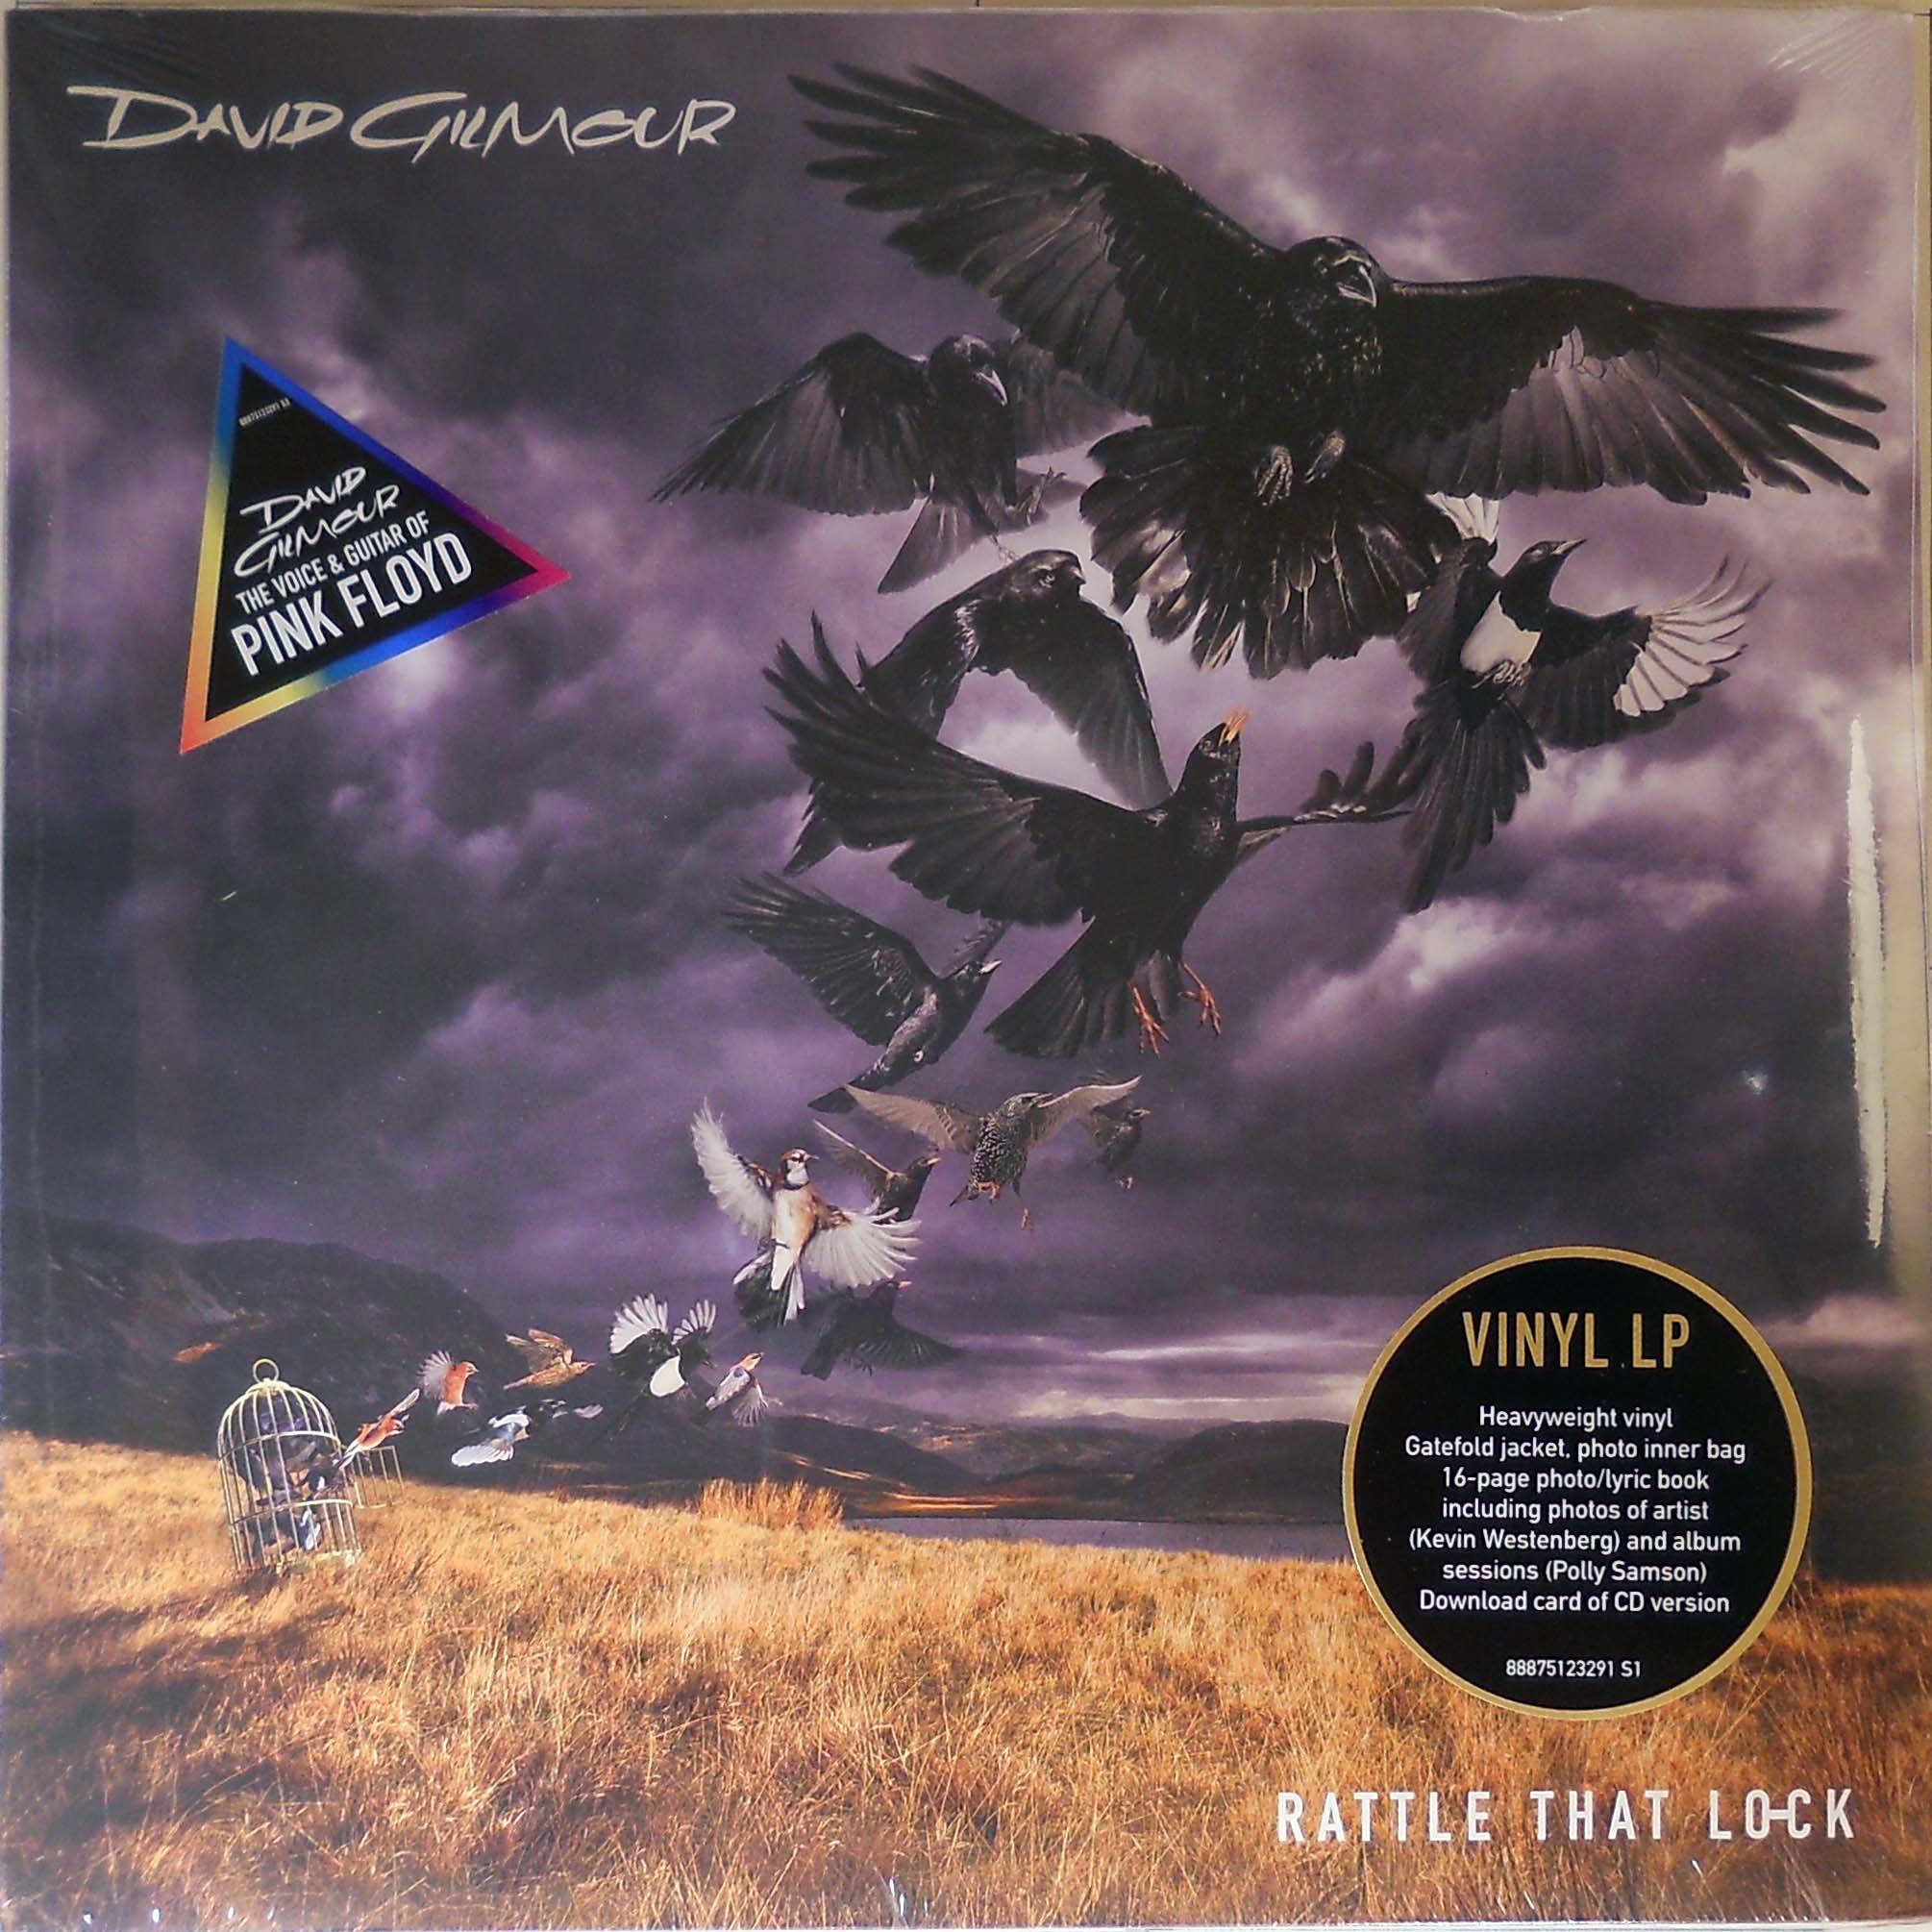 DAVID GILMOUR - DAVID GILMOUR - Autres